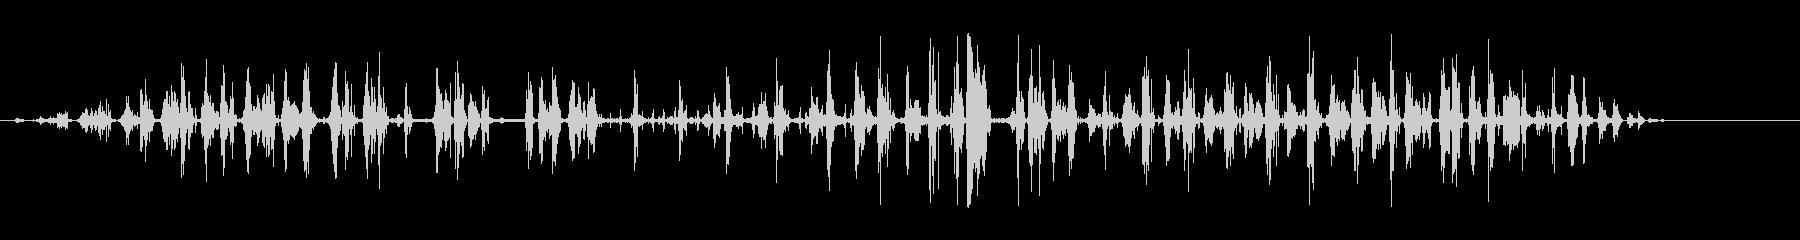 うなるハリネズミの未再生の波形